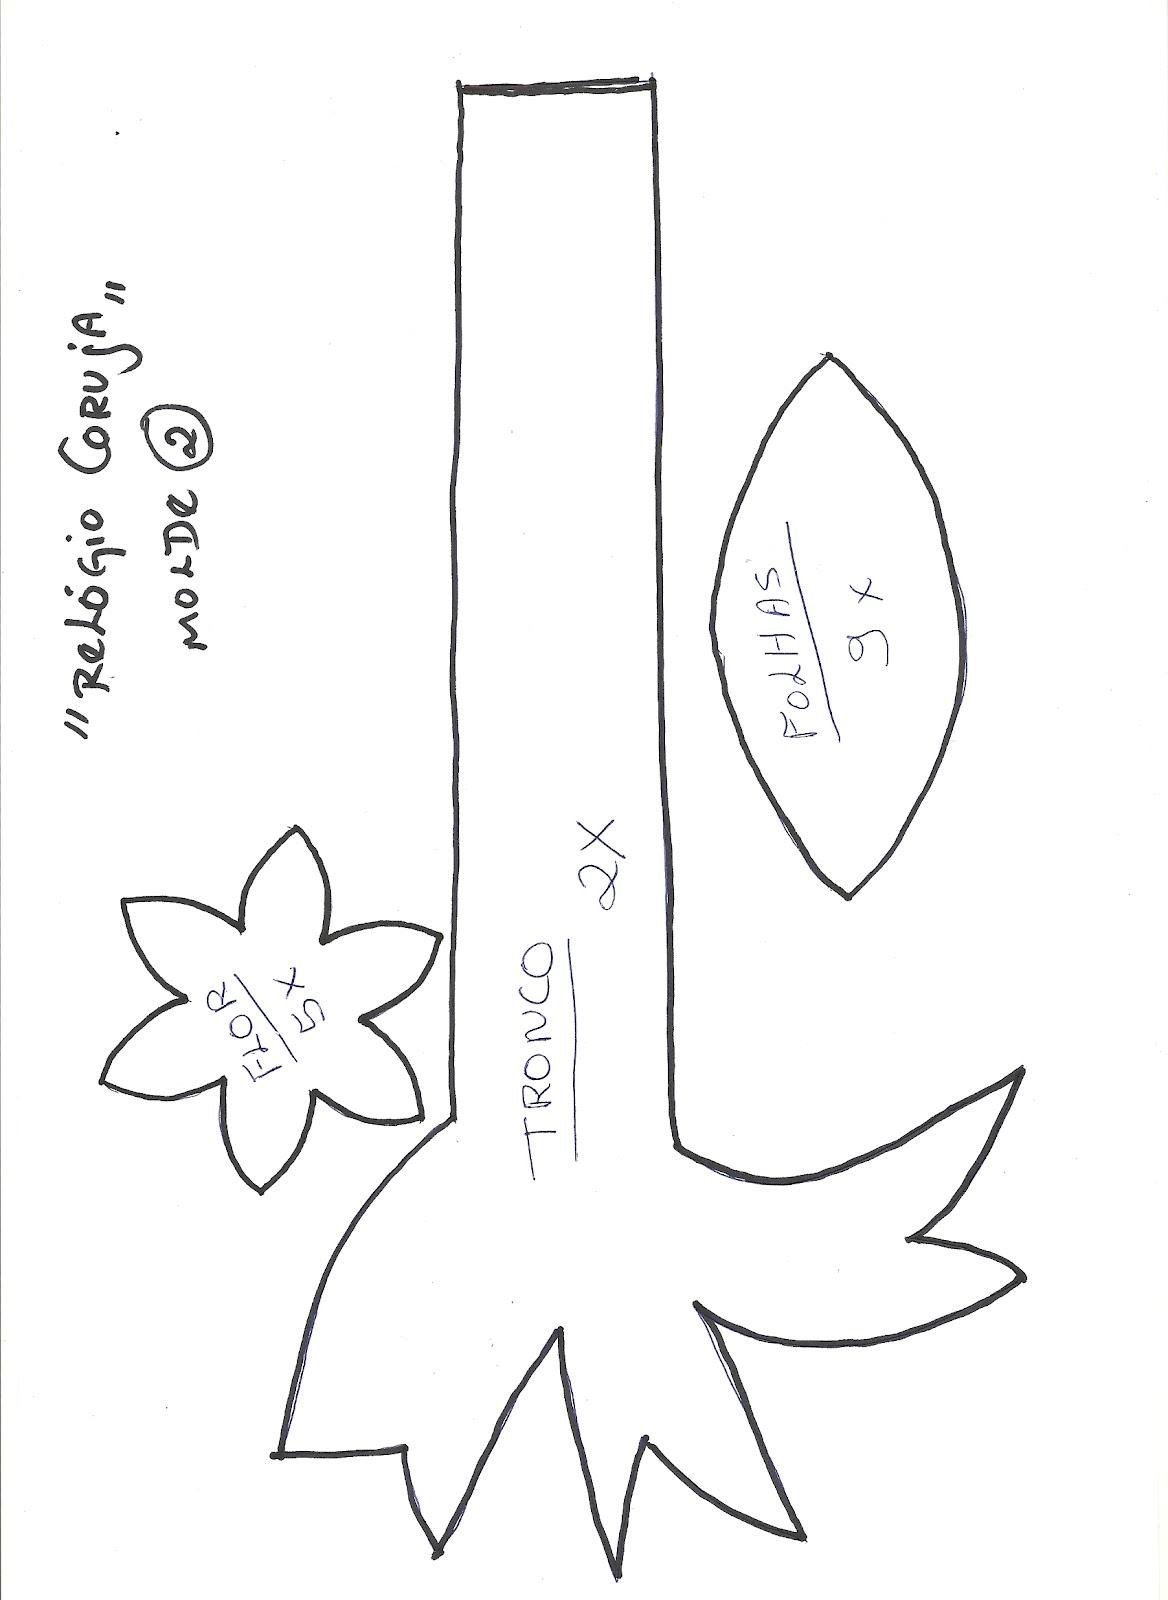 s10 alternator schema cablage